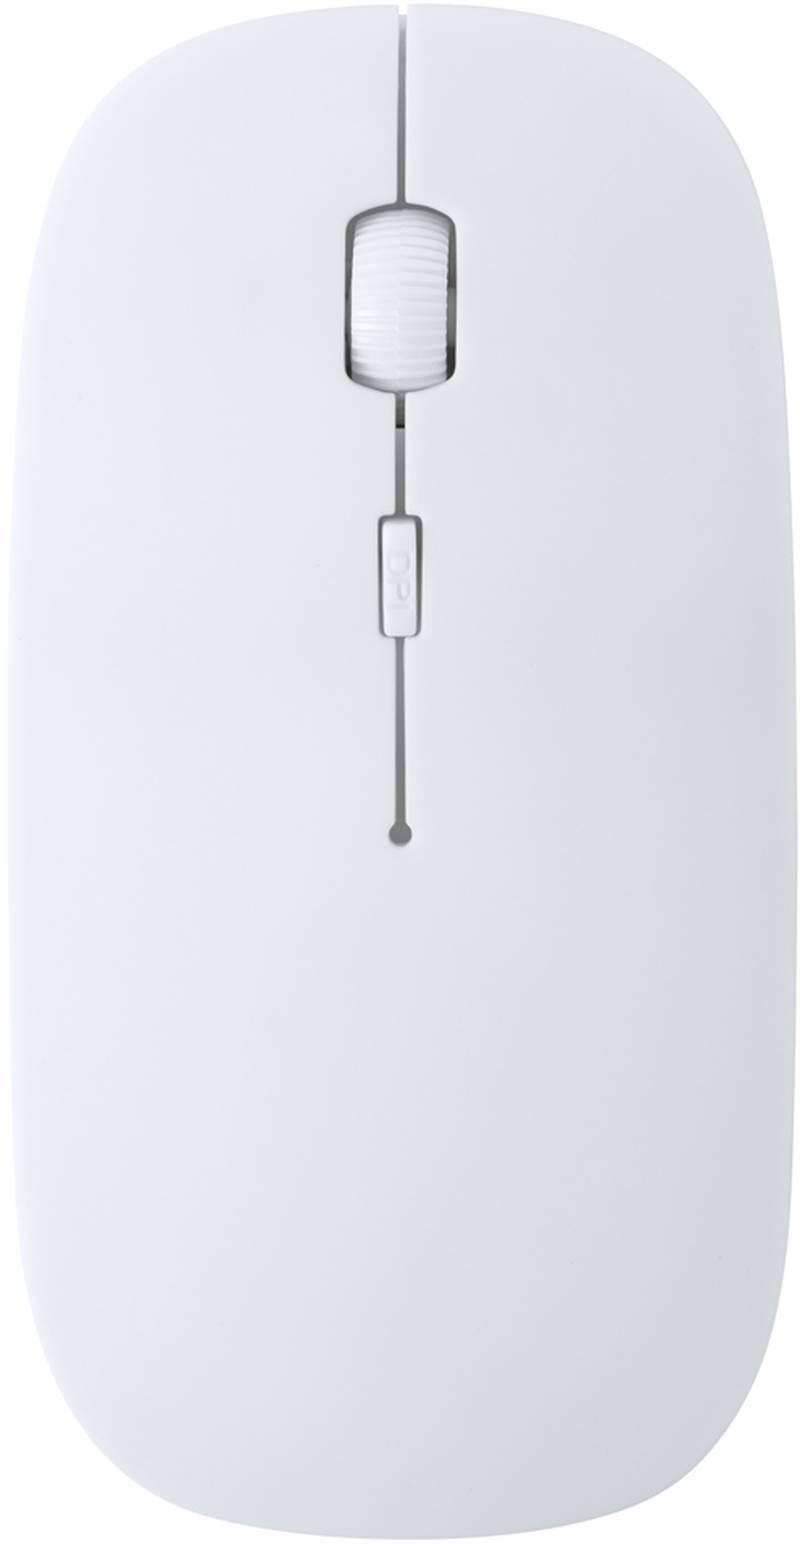 Supot antibakteriální optická myš